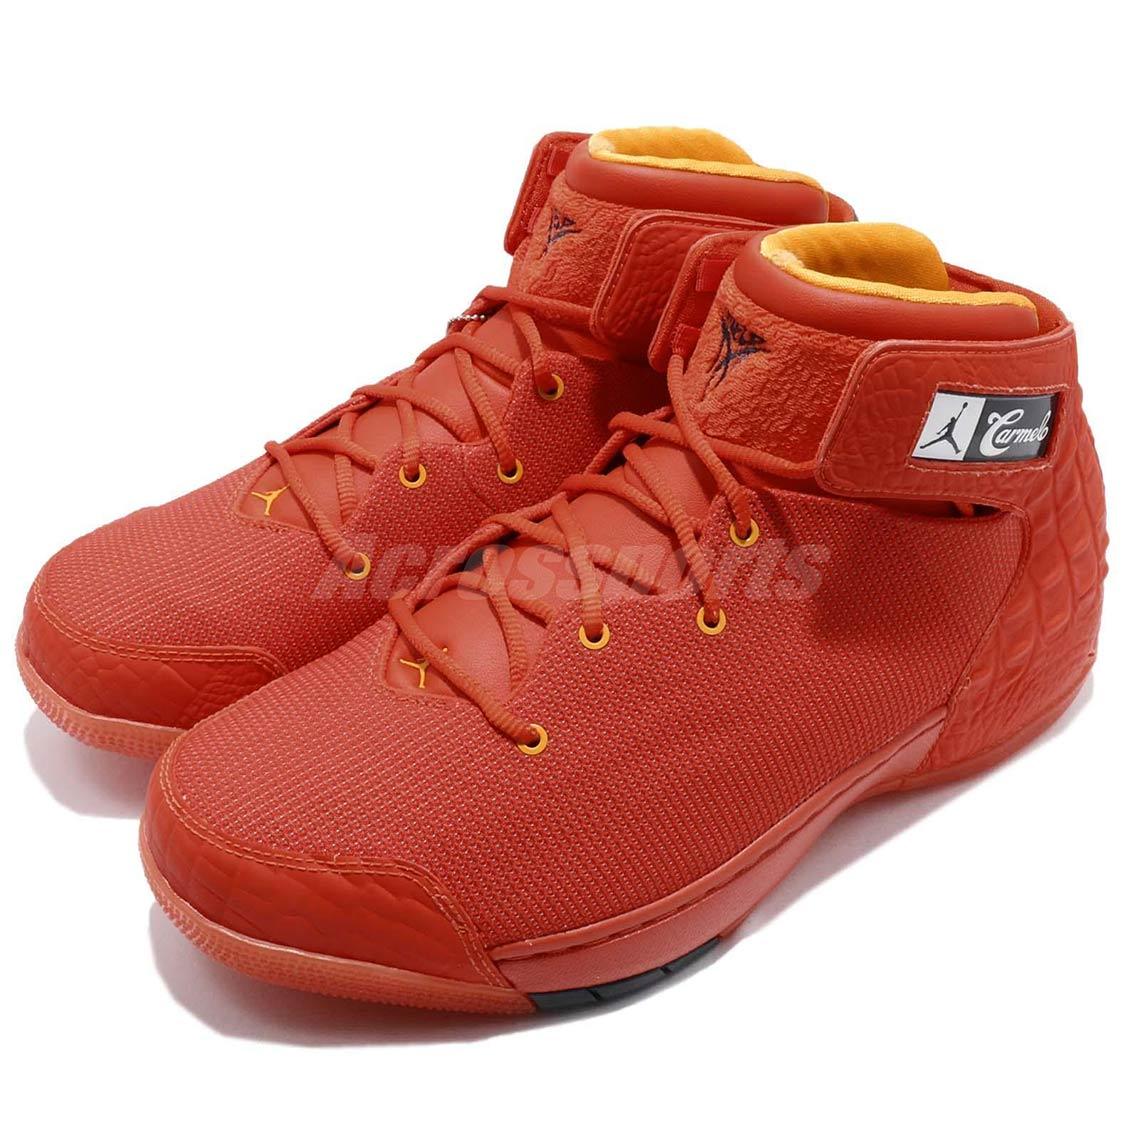 buy online da0de d1020 Jordan